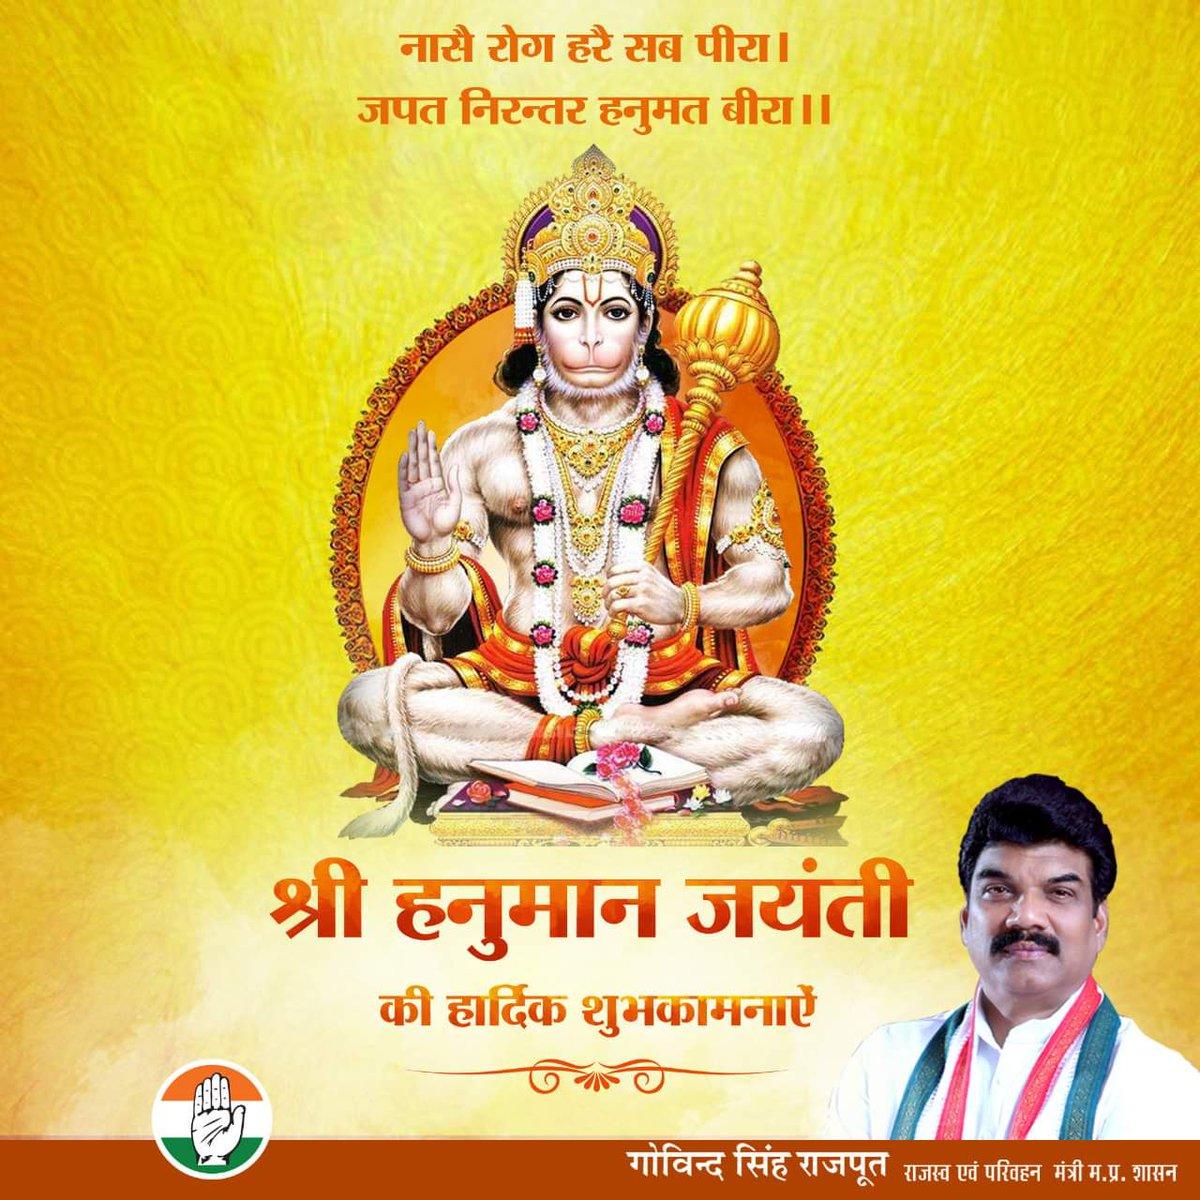 समस्त प्रदेशवासियों को हनुमान जयंती की हार्दिक शुभकामनाएं।  इस पावन पर्व पर मैं प्रार्थना करता हूं कि प्रभु श्रीराम के परम भक्त भगवान हनुमान जी की असीम कृपा सदैव हम सभी पर बनी रहे। #HanumanJayanti